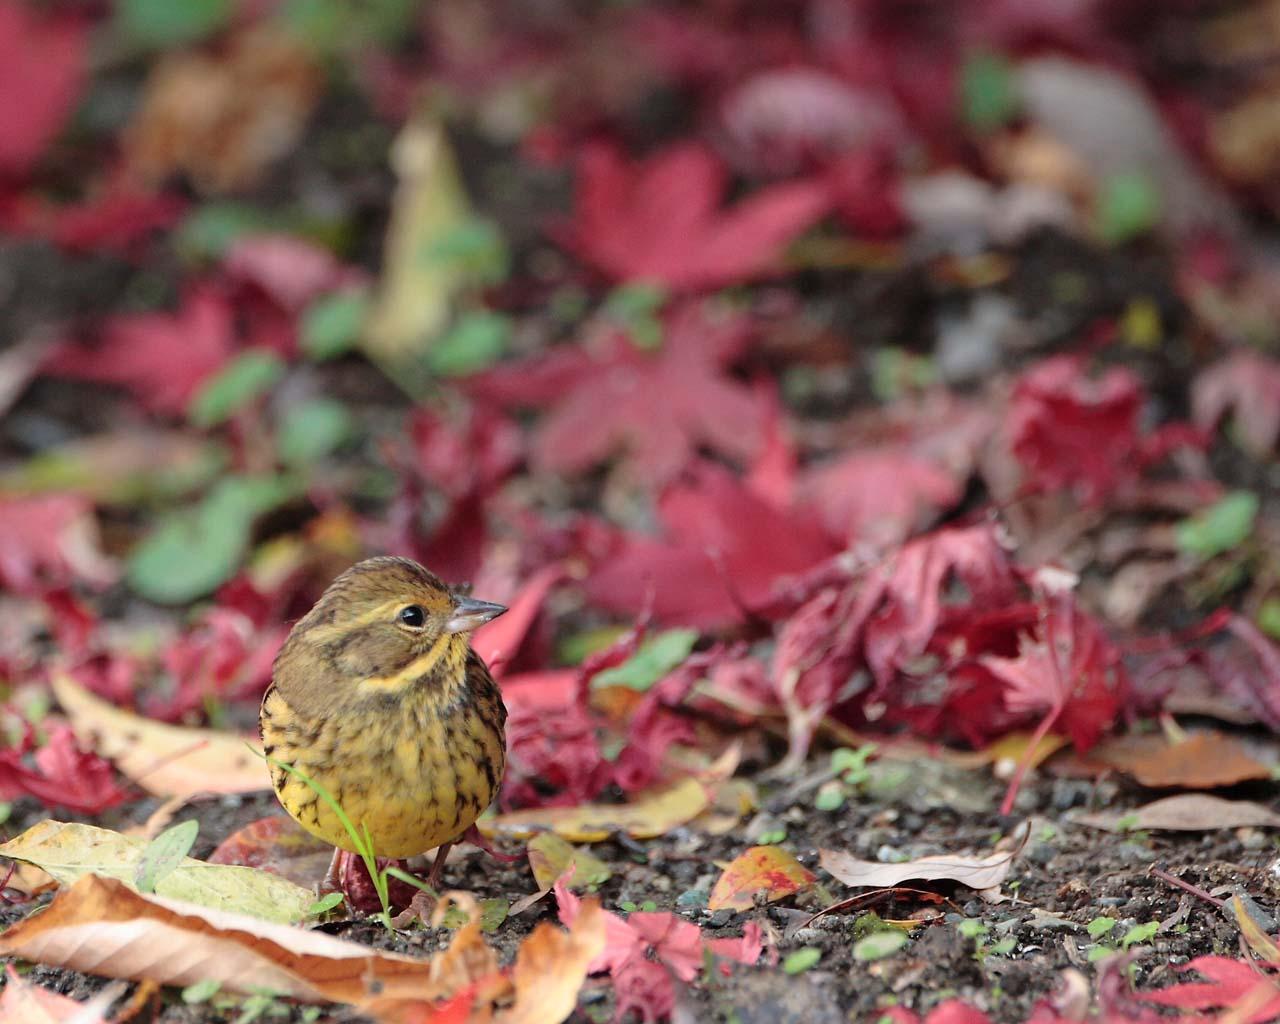 アオジと紅葉の落葉(晩秋らしい野鳥の壁紙)_f0105570_22111486.jpg